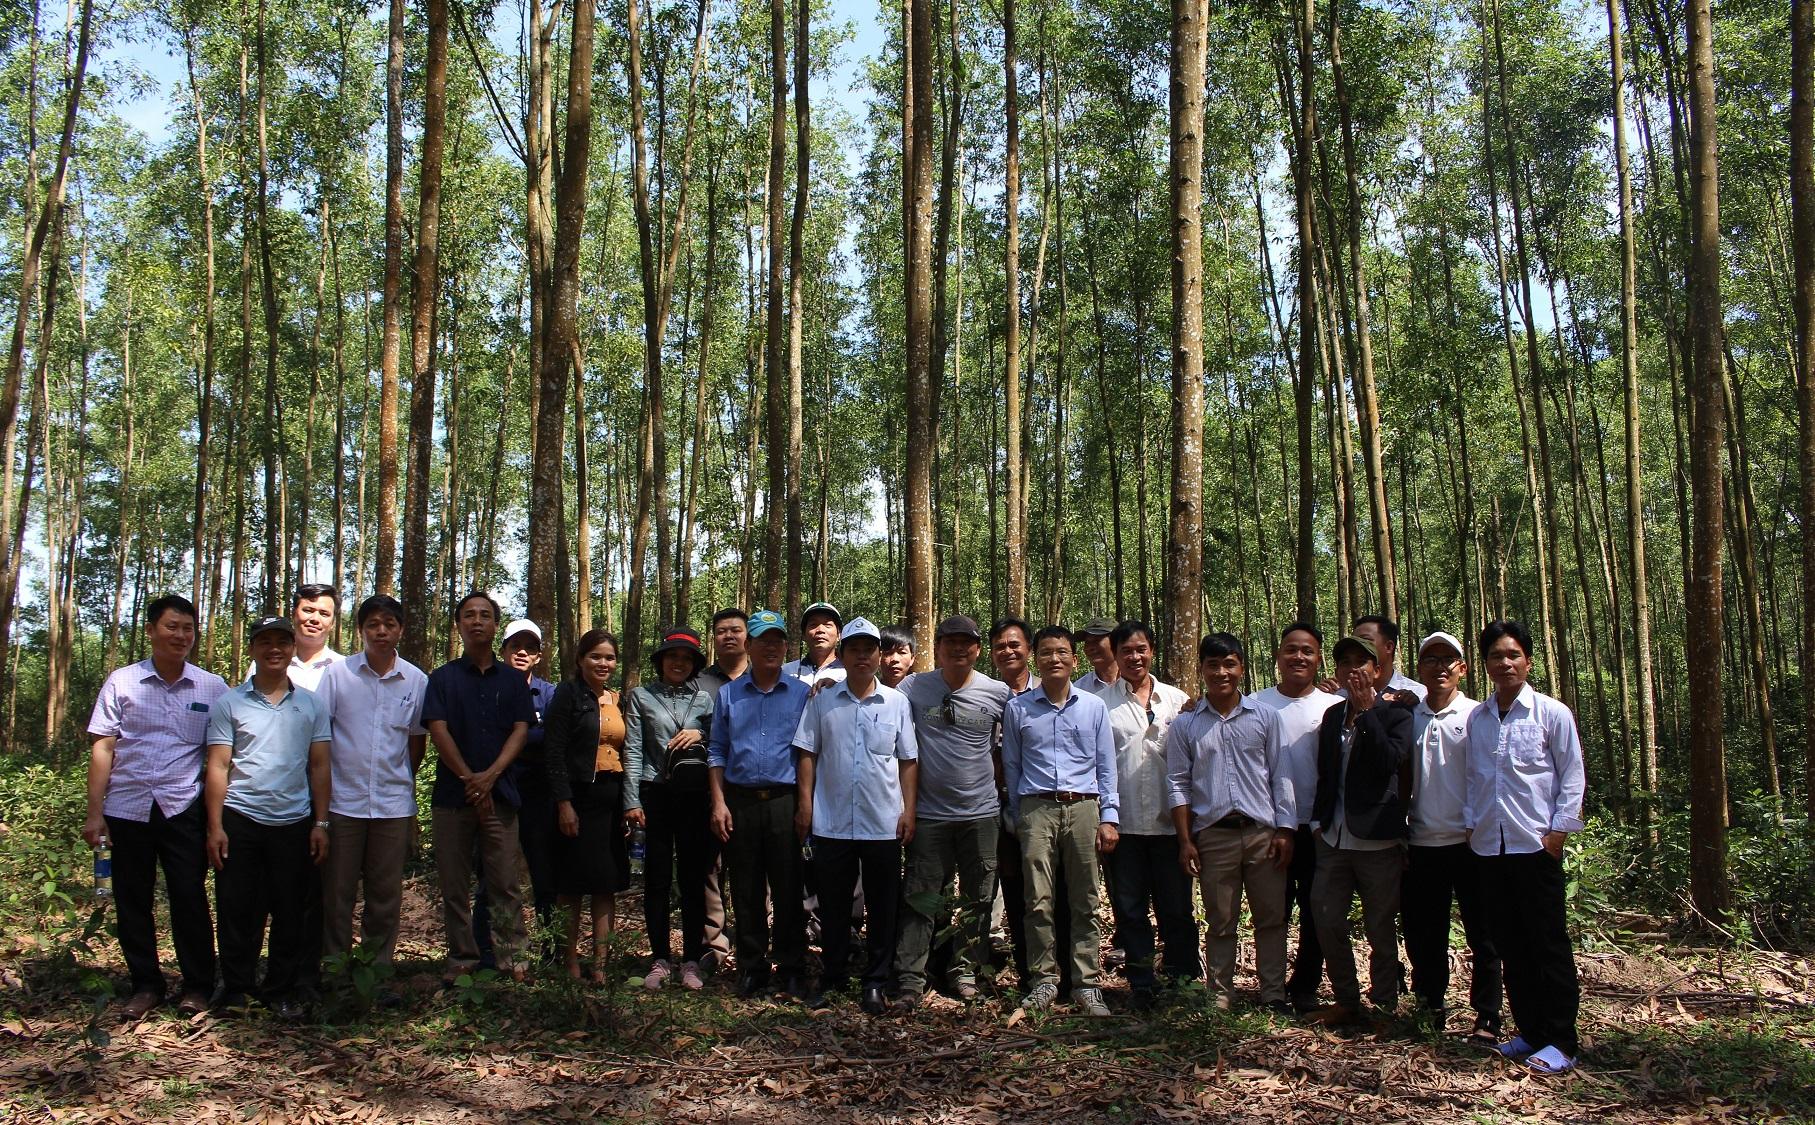 (Tiếng Việt) Chuyến tham quan học tập về trồng rừng gỗ lớn và thành lập hợp tác xã Lâm nghiệp bền vững với TTH-FOSDA